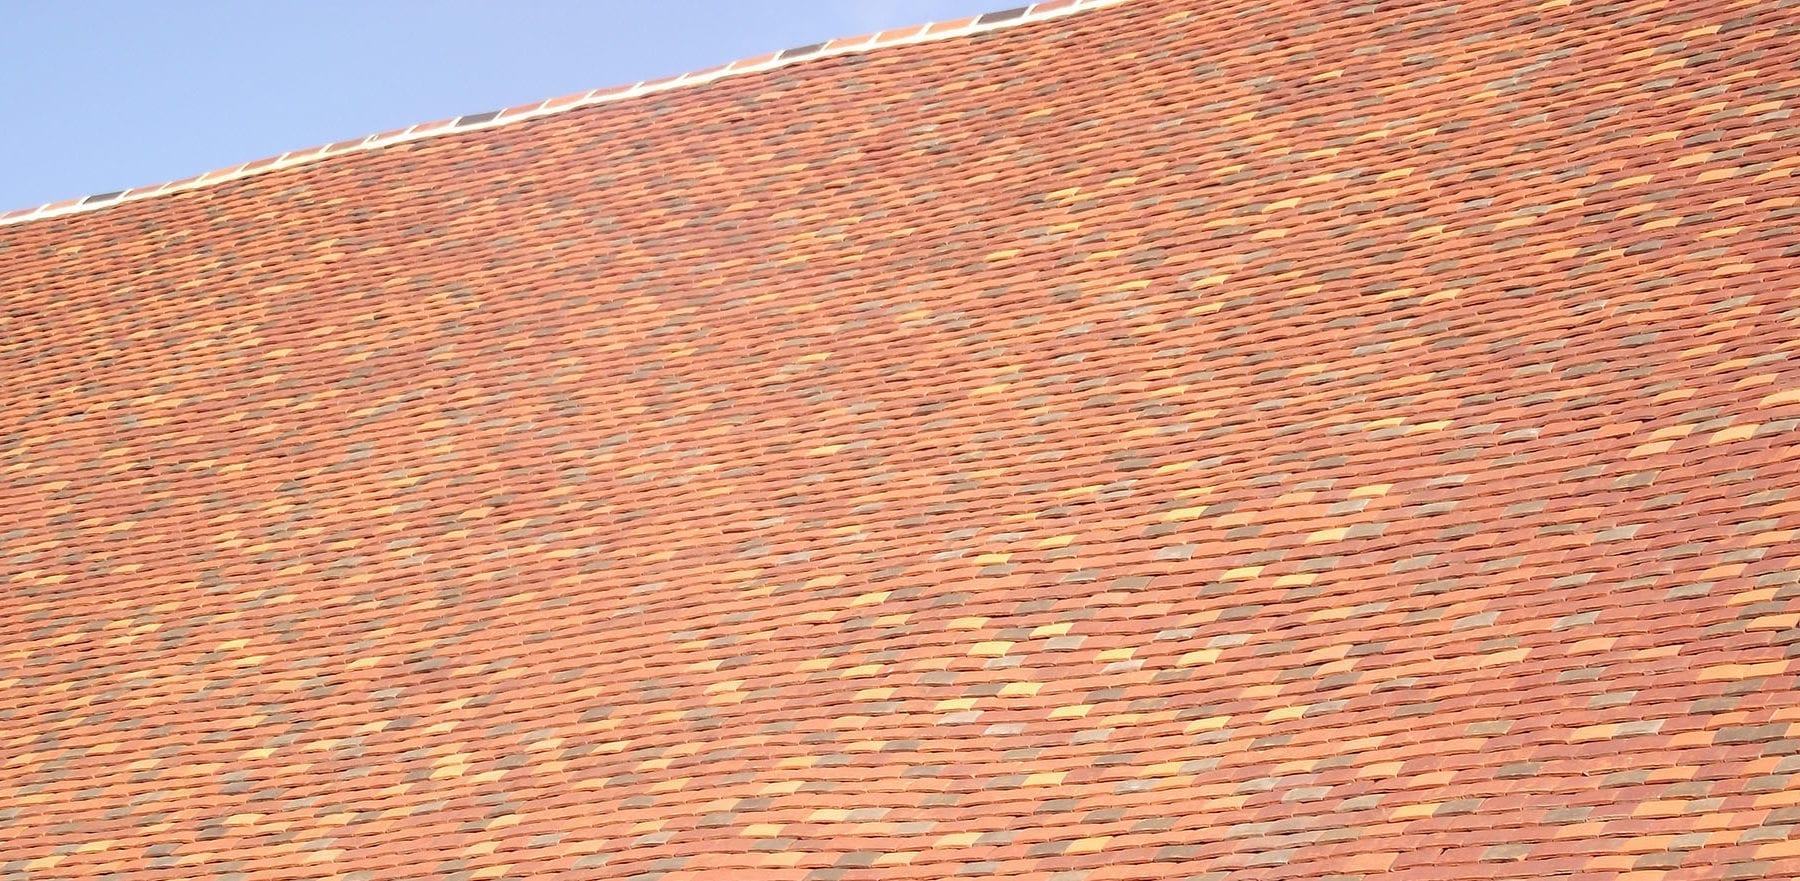 Lifestiles - Handmade Bespoke Clay Roof Tiles - Pelsham Barns, England 3